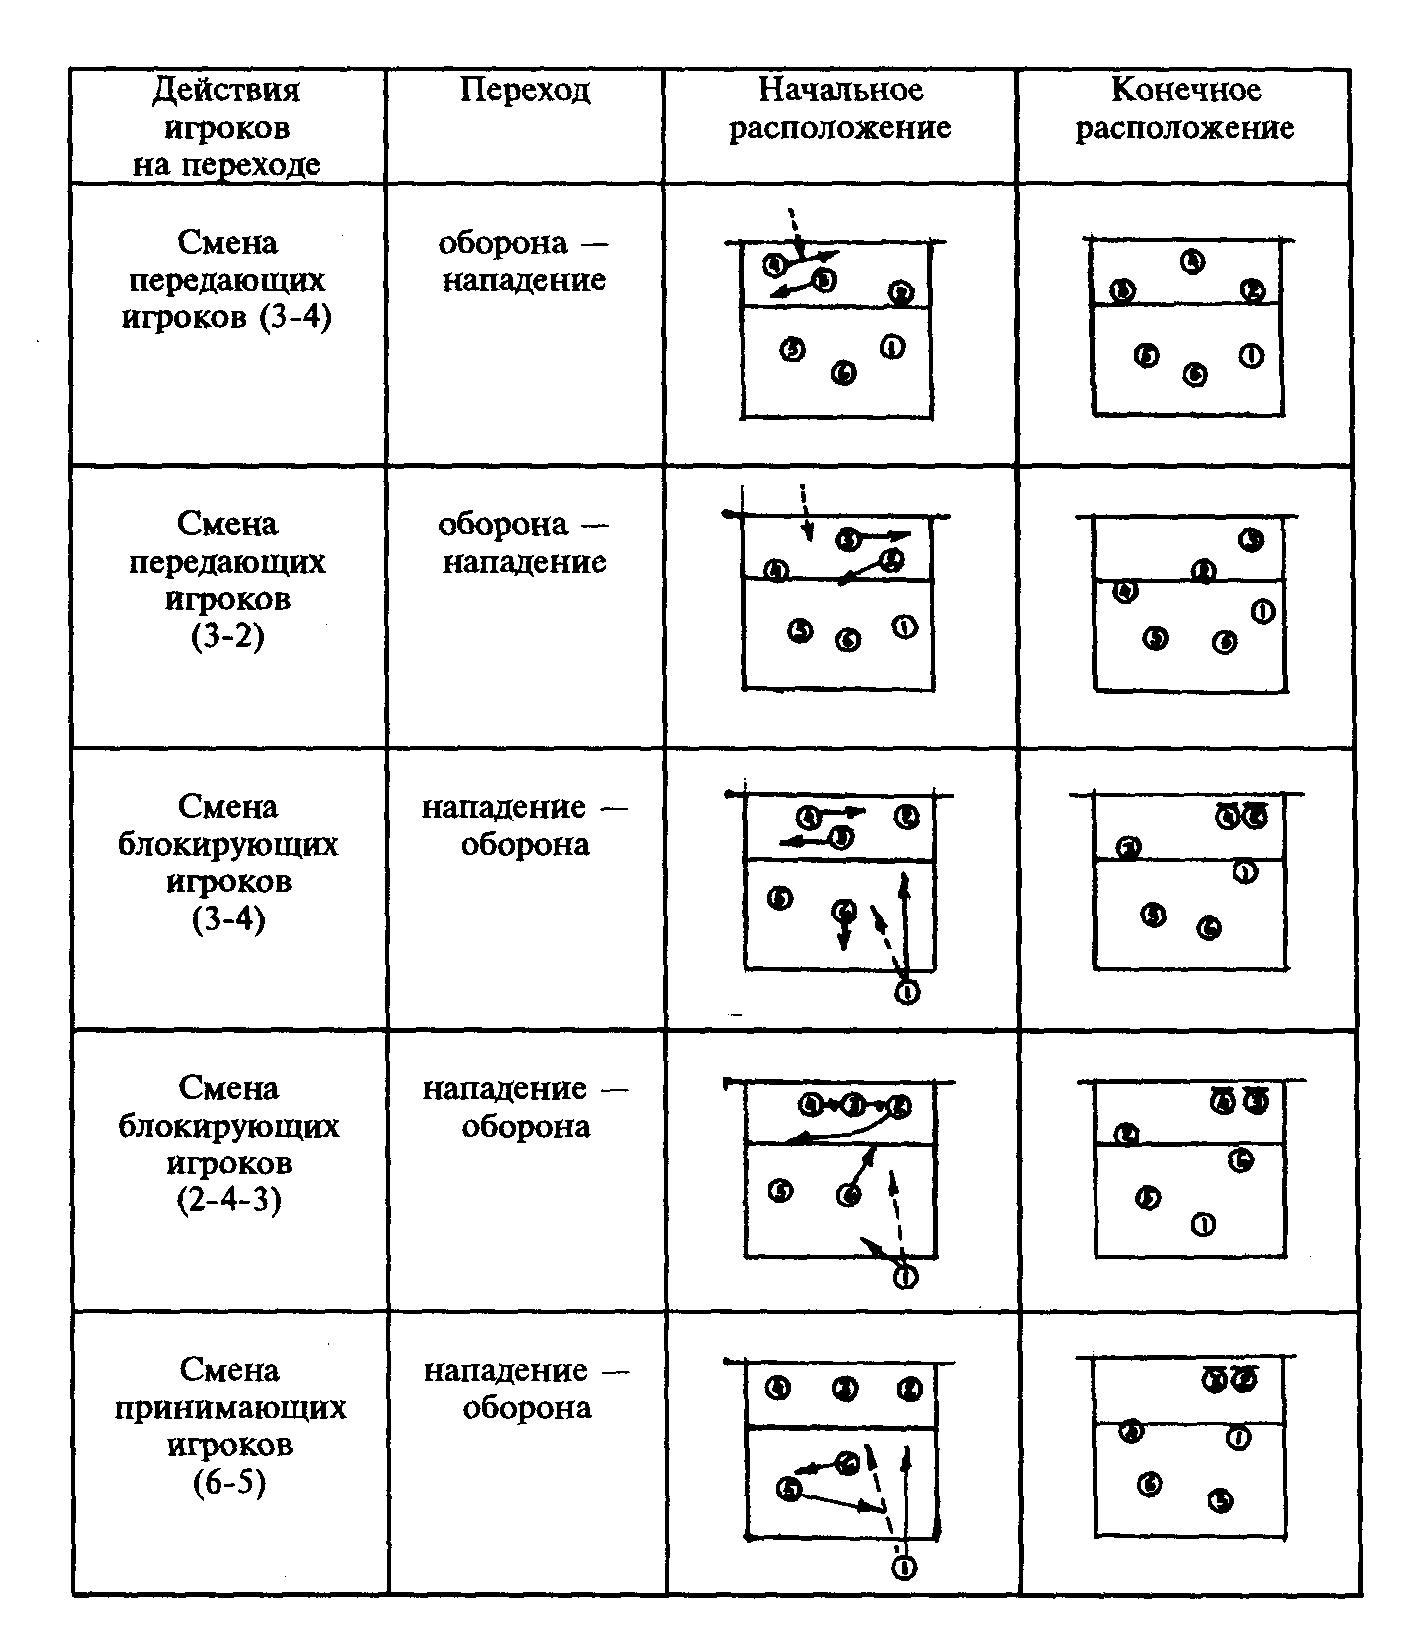 Схема расположения игроков в фото 463